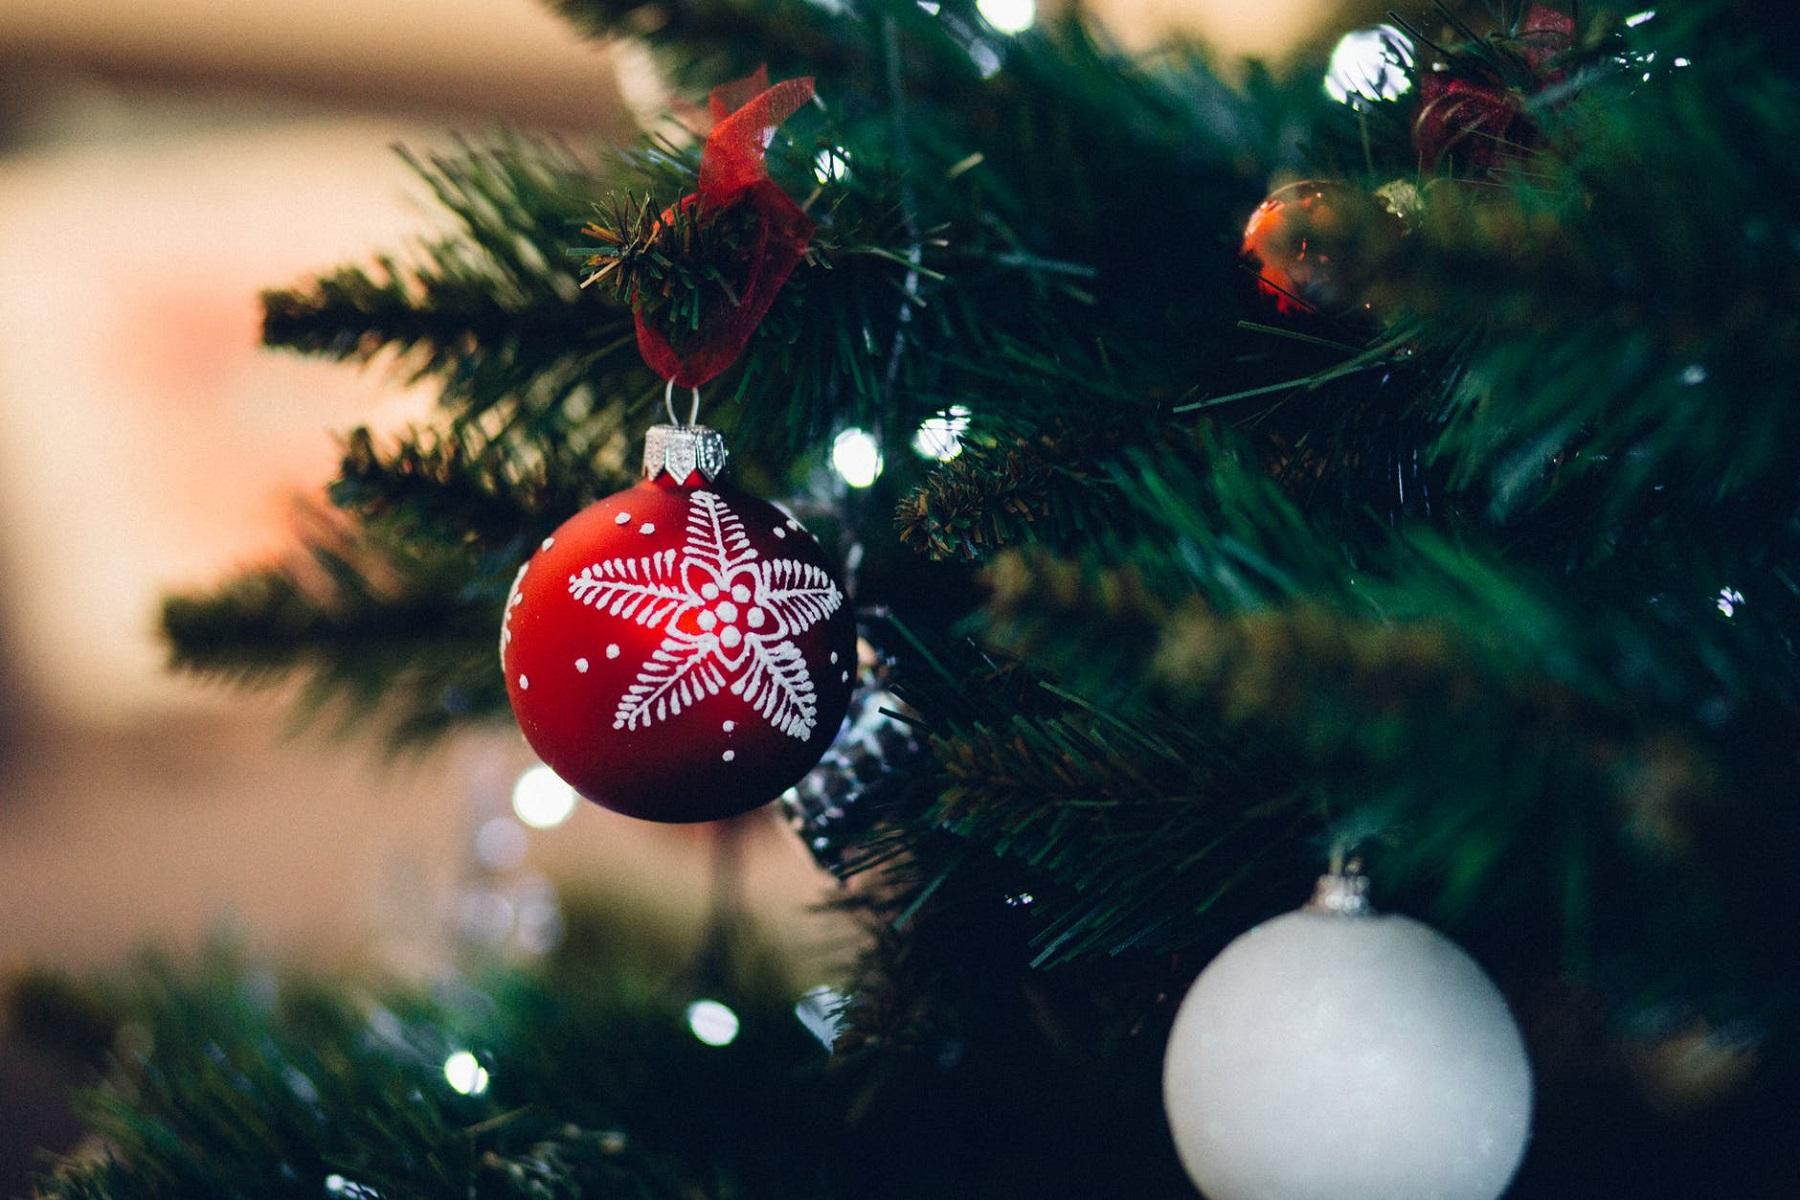 Οικολογία Μολύβι: Δεν έχετε παρά να το φυτέψετε για να έχετε Χριστουγεννιάτικο δέντρο